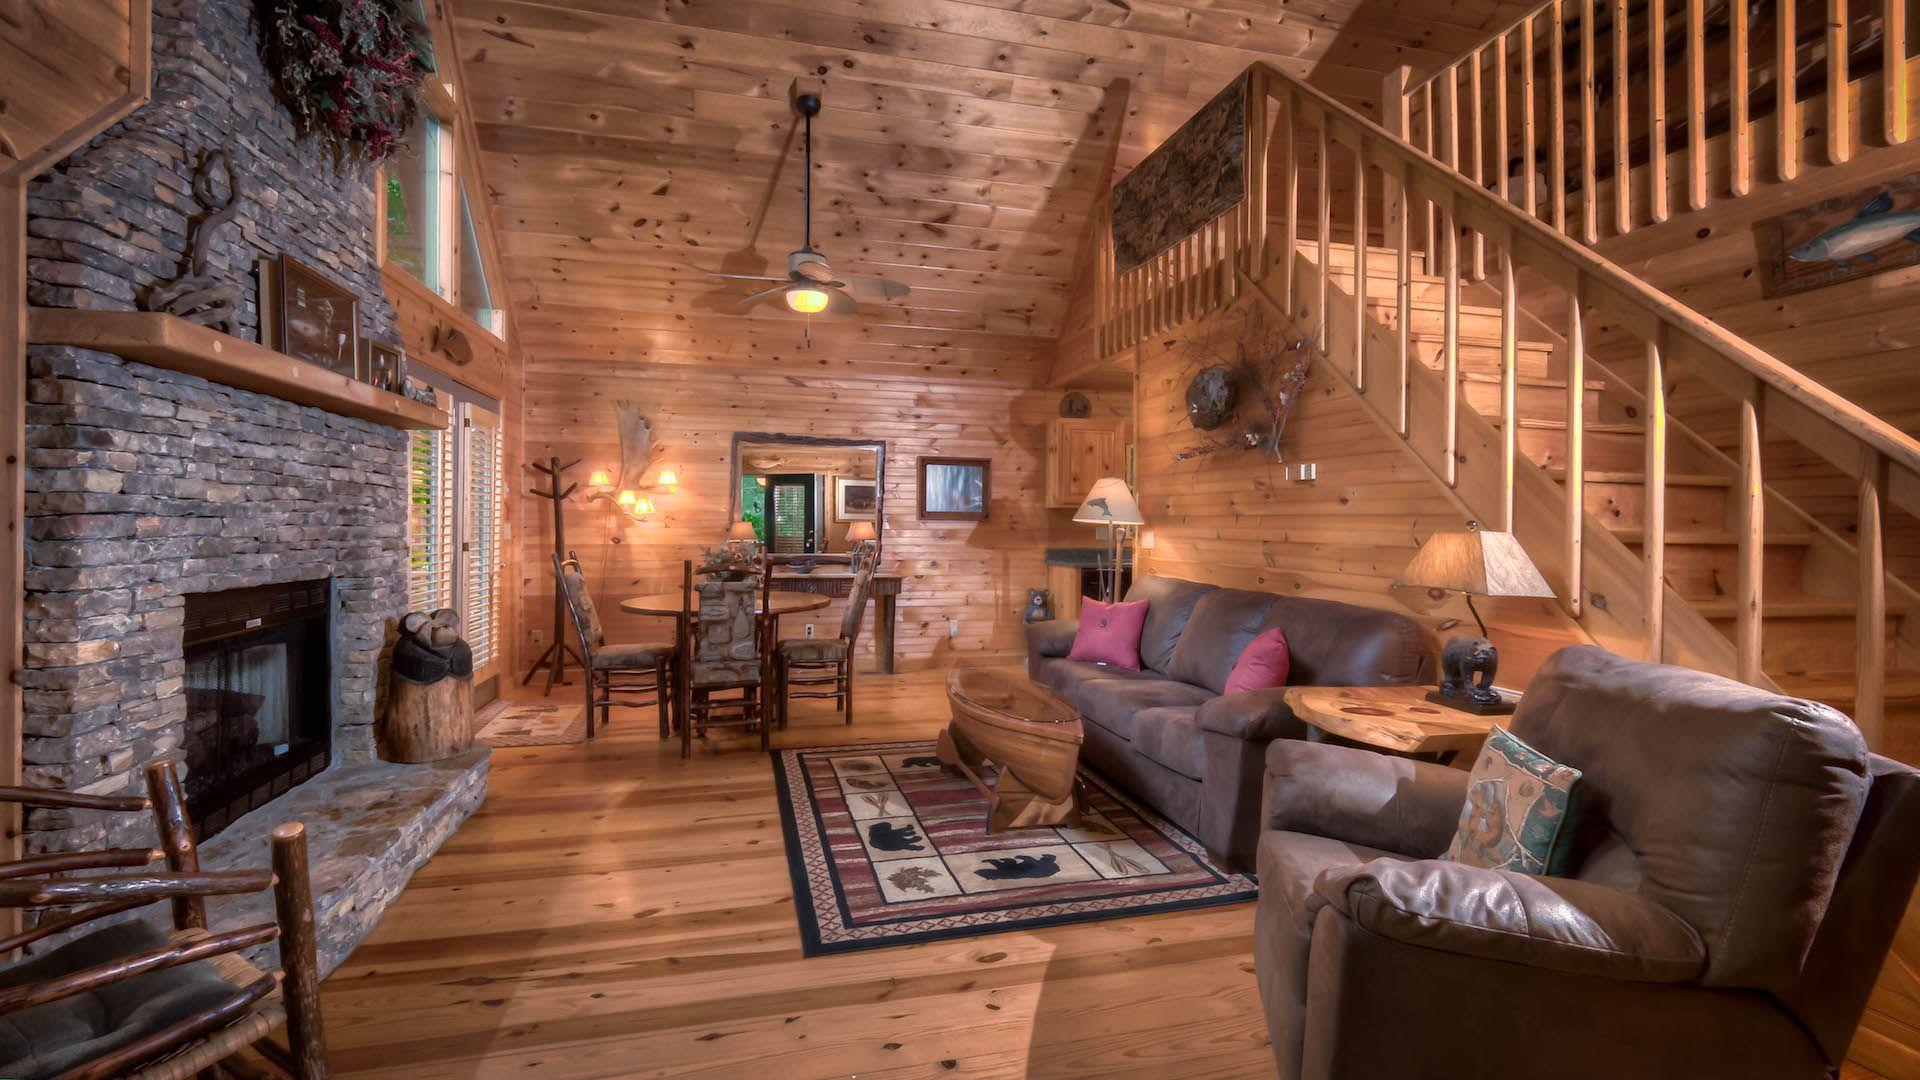 Rushing Waters Retreat Rental Cabin Mountain Top Cabin Rentals Blue Ridge Ga Hot Tub Outdoor Outdoor Wood Burning Fireplace Beautiful Cabins